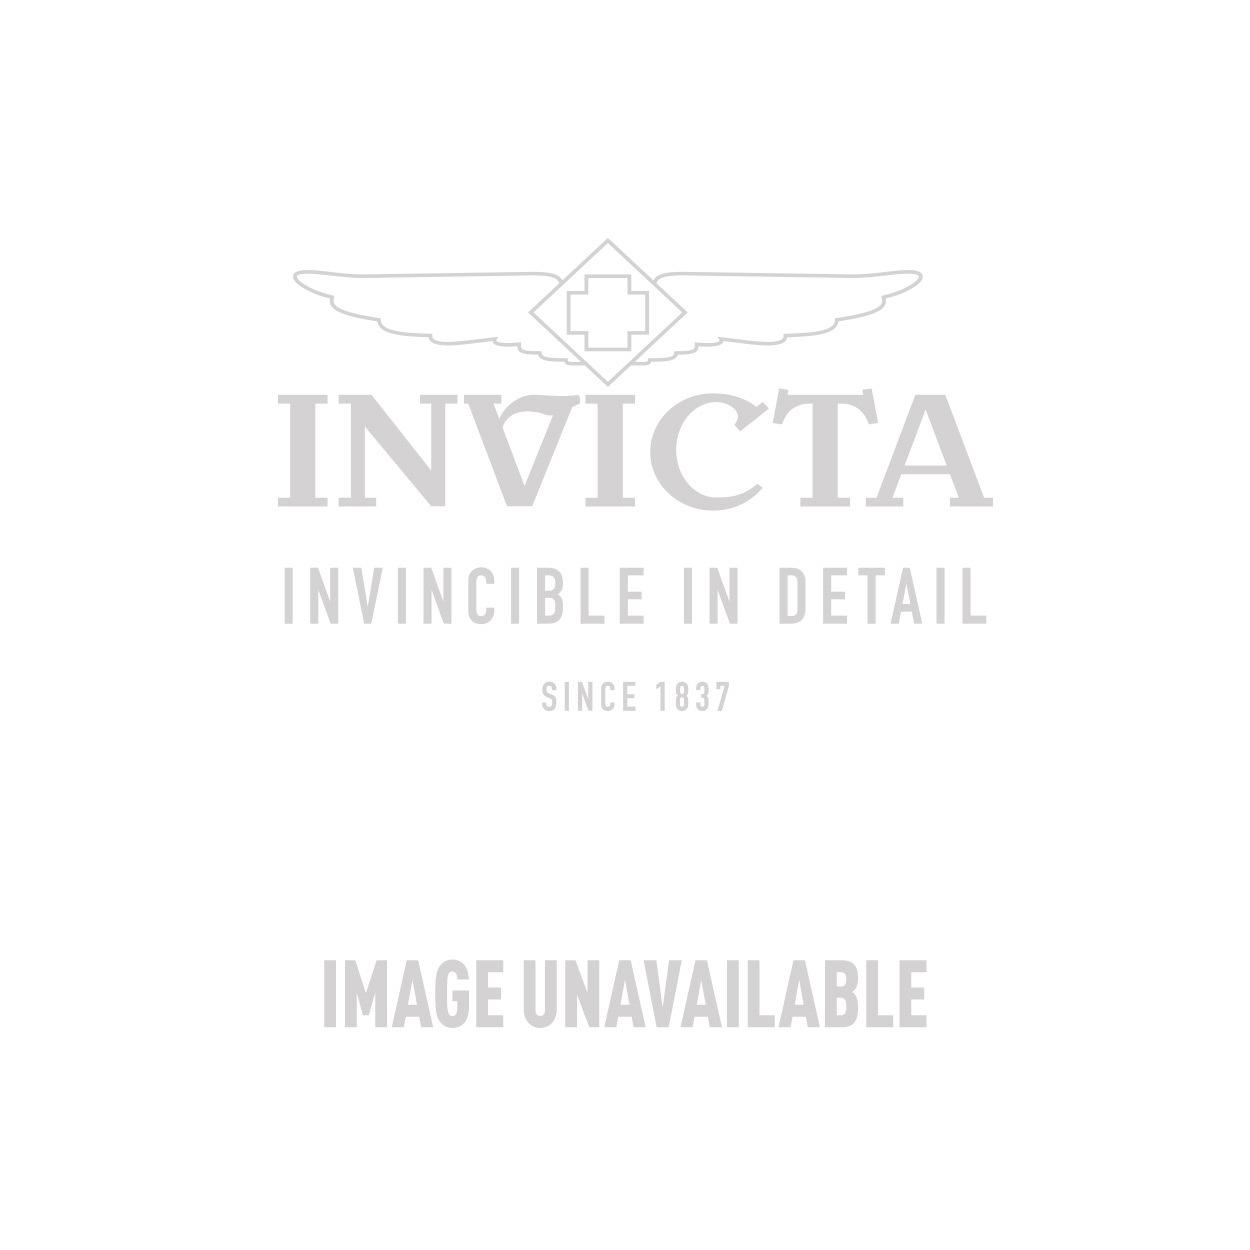 Invicta Model 22758